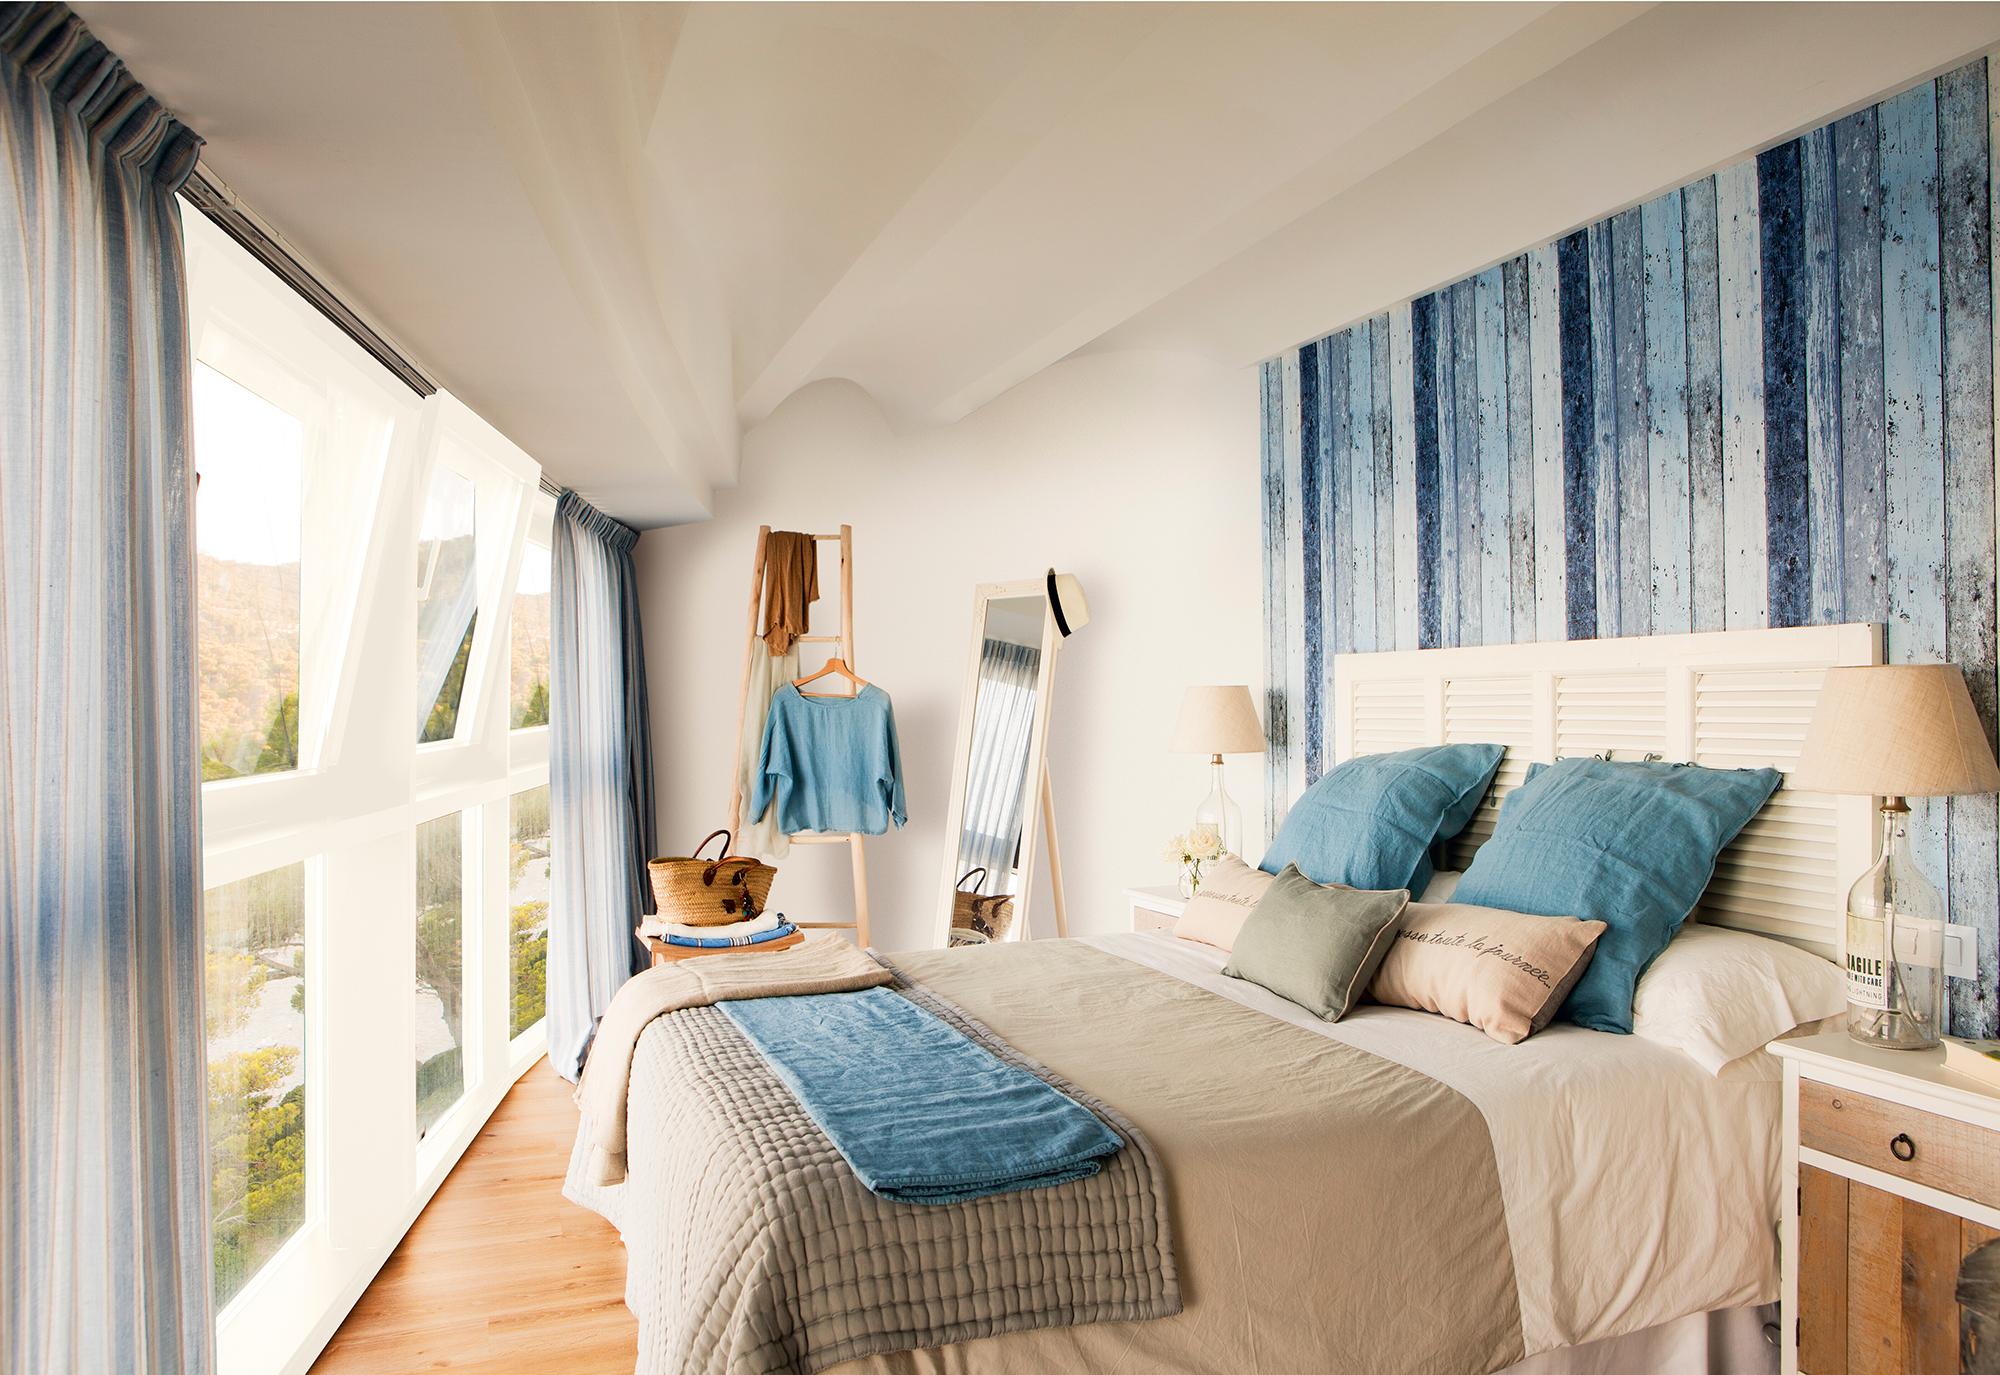 Dormitorio con ventanal a pie de cama y cabecero de listones de madera en azul_409306